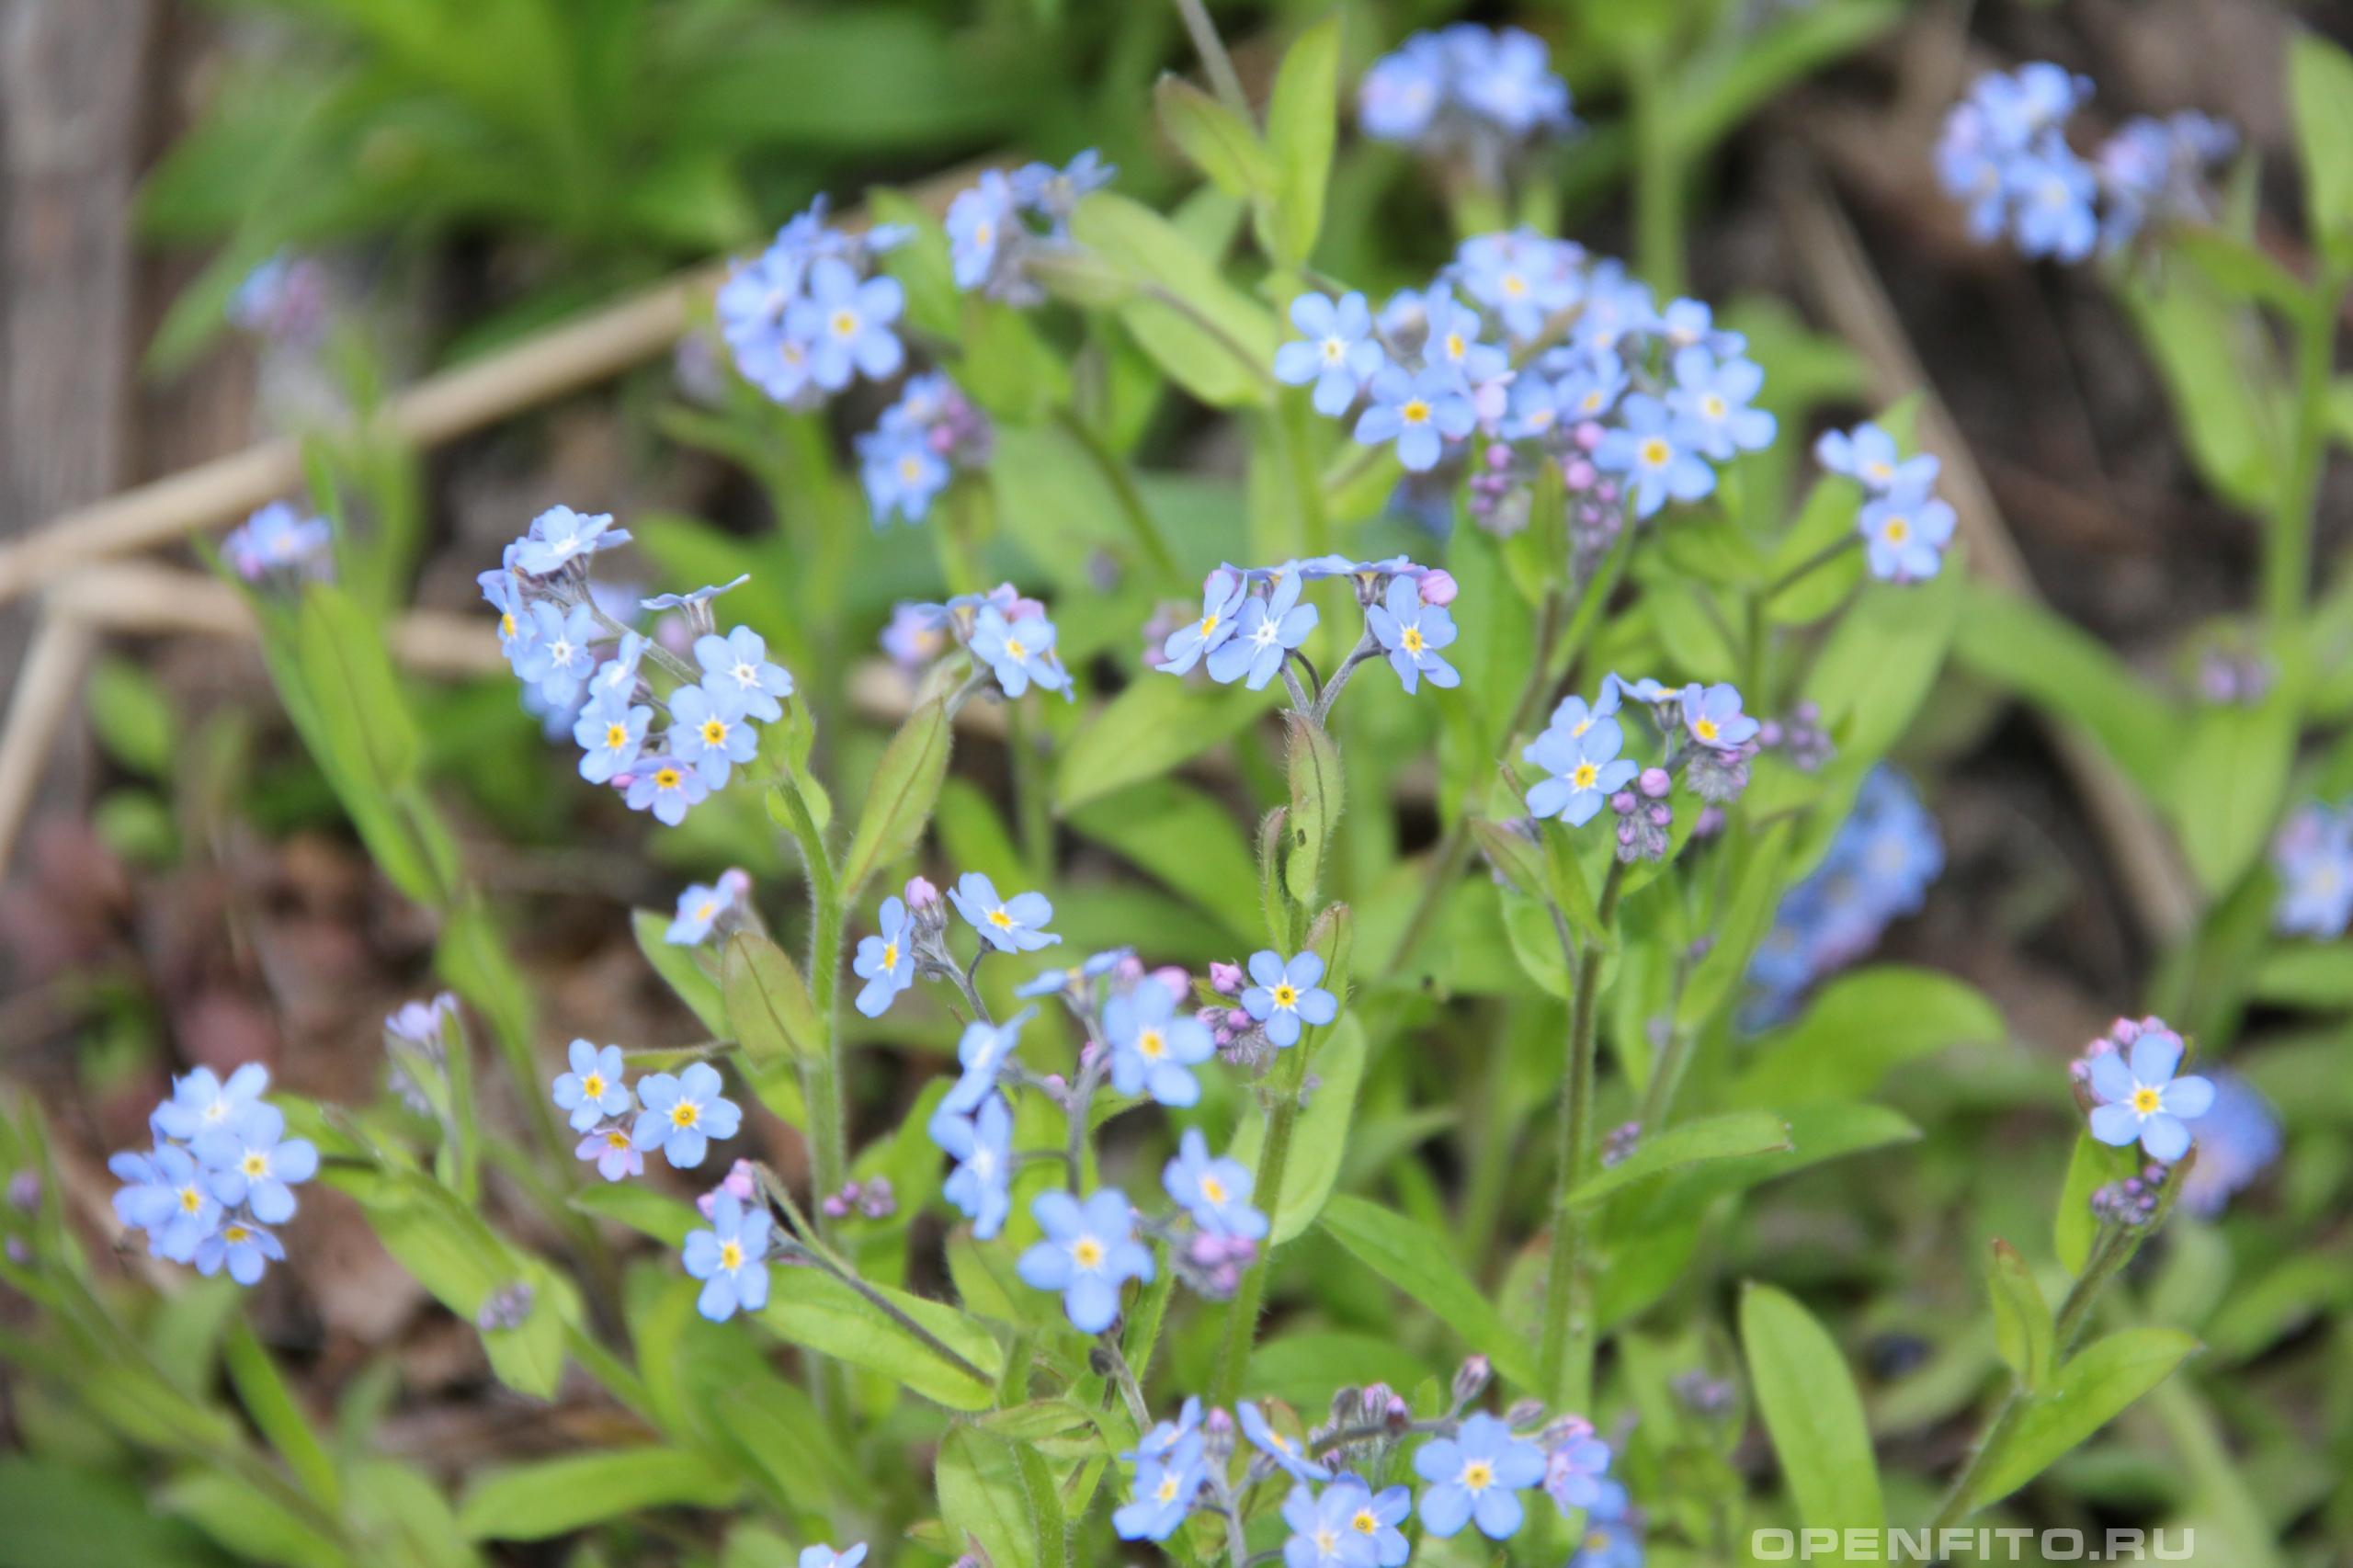 Незабудка полевая <p>лекарственная трава, цветет в первой половине лета и очень распространена в средней полосе России</p>